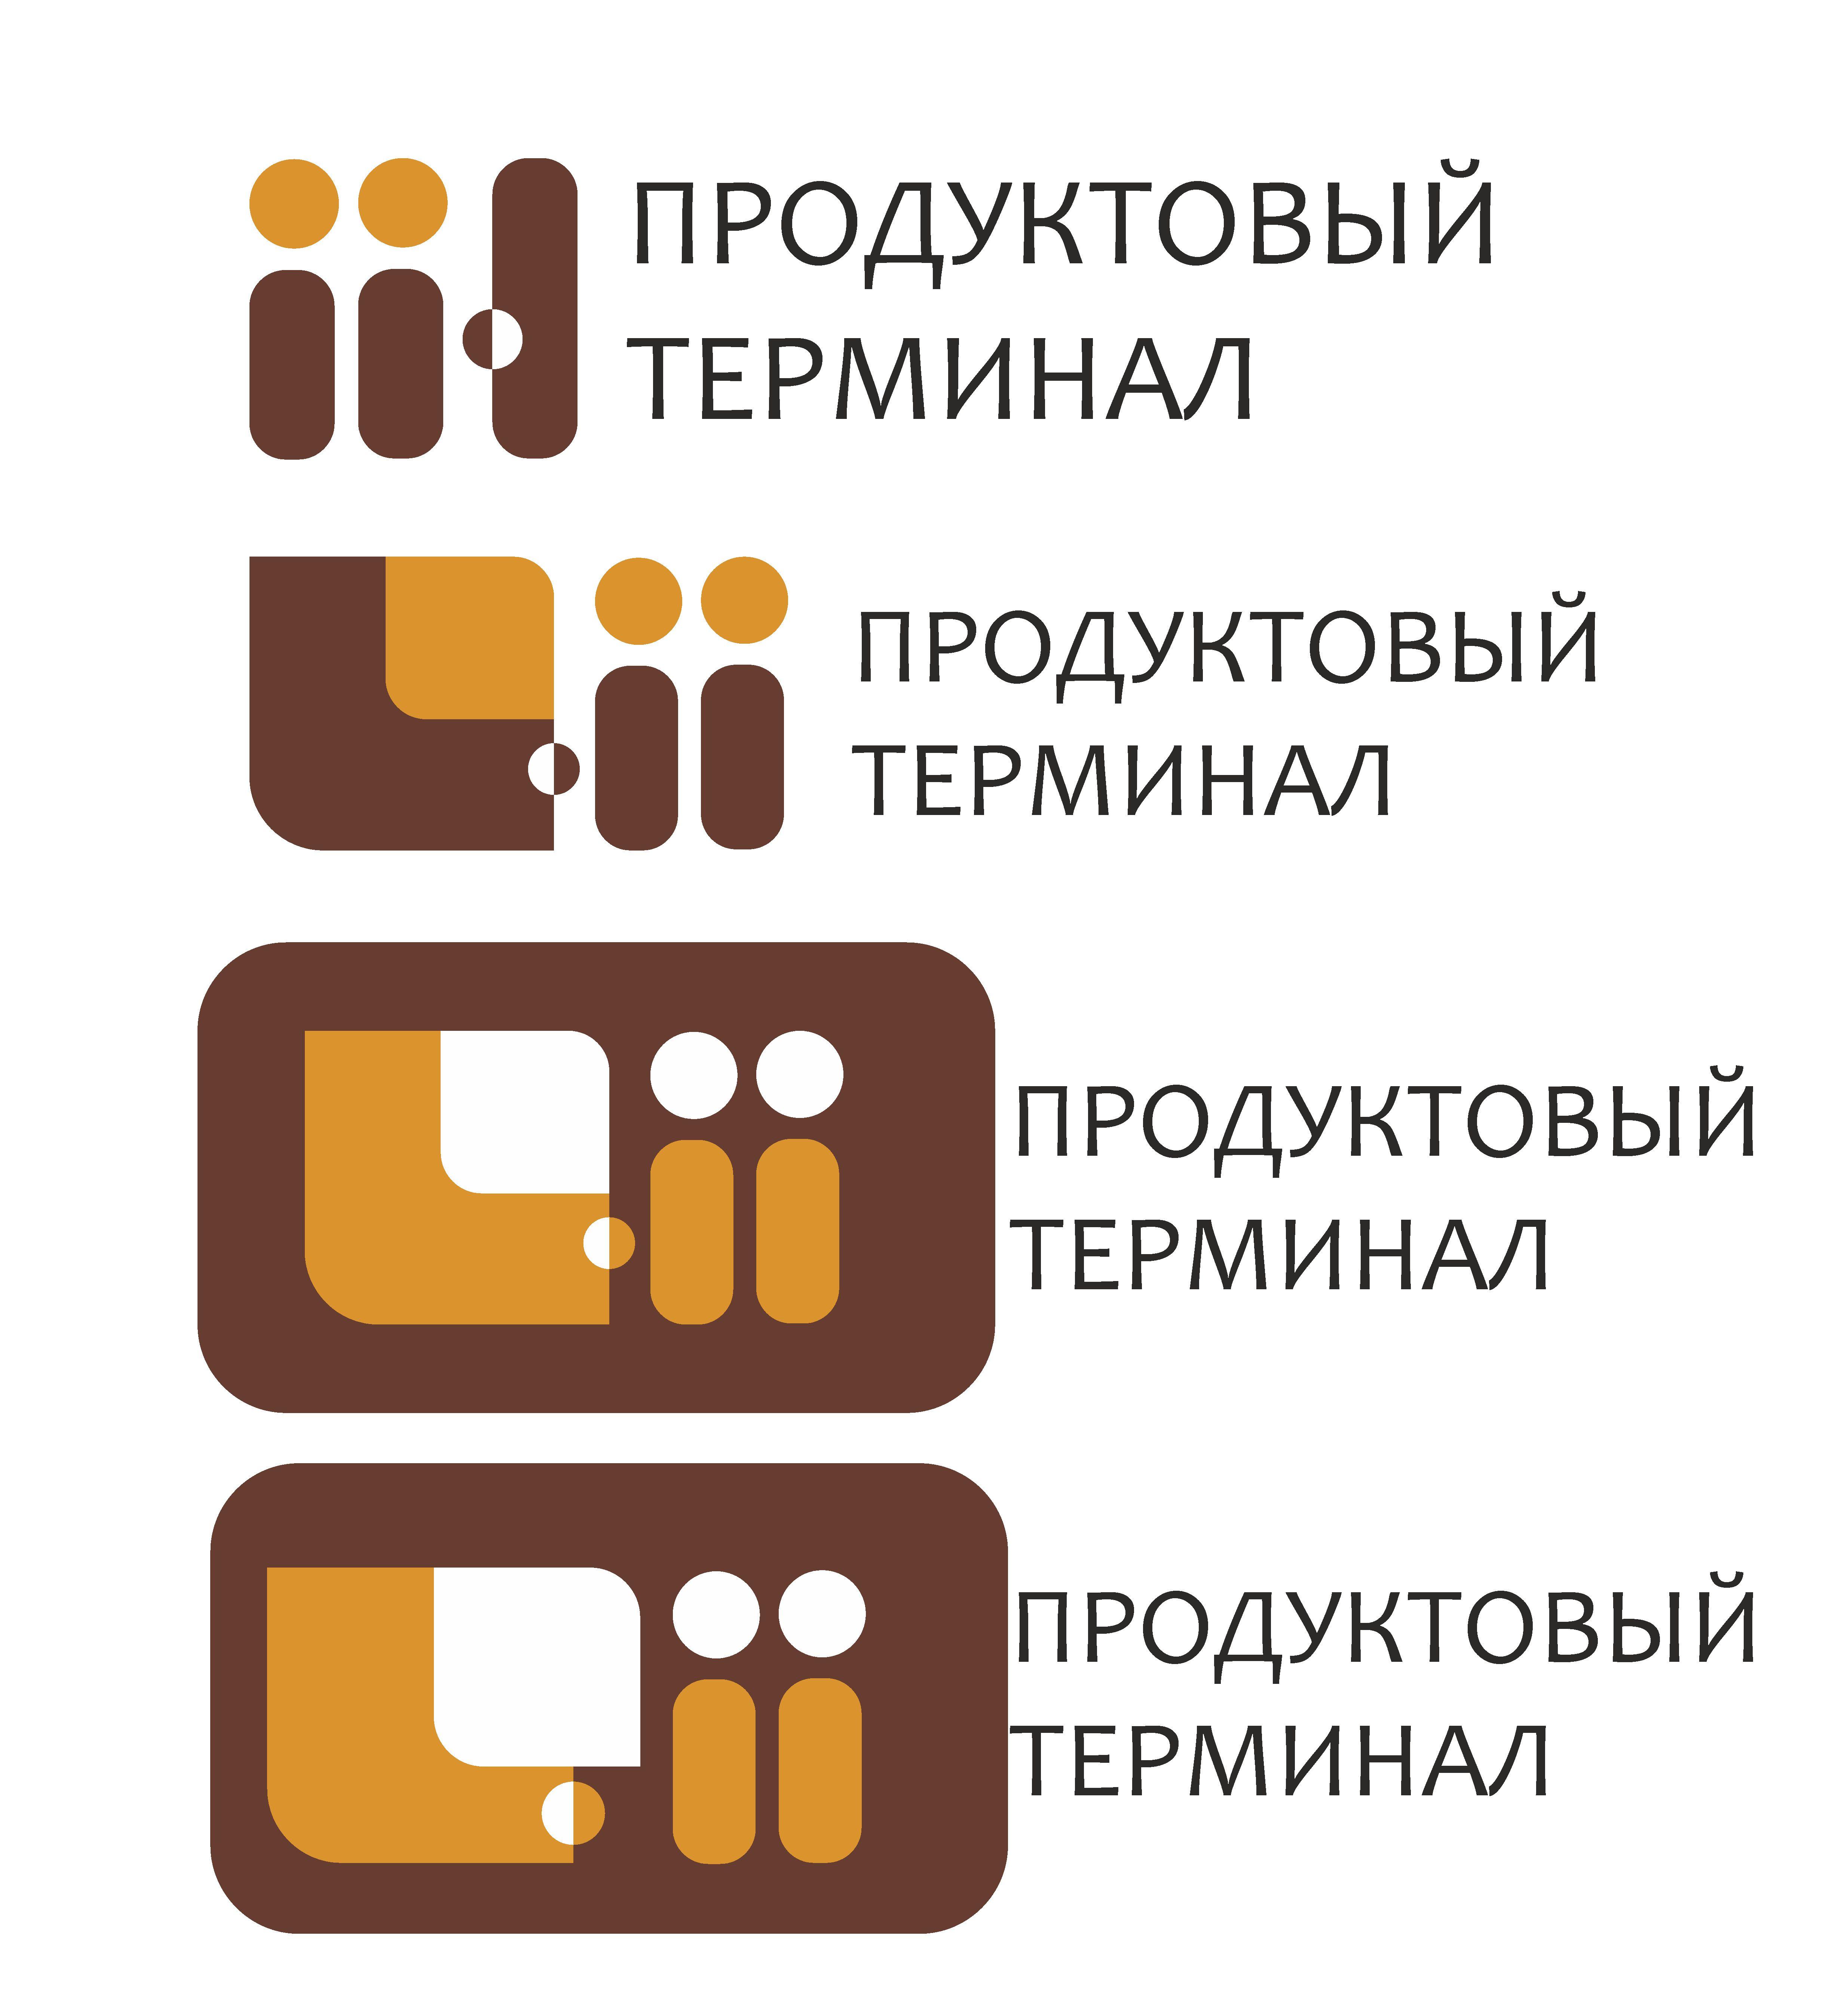 Логотип для сети продуктовых магазинов фото f_61956f94c49d84e9.jpg